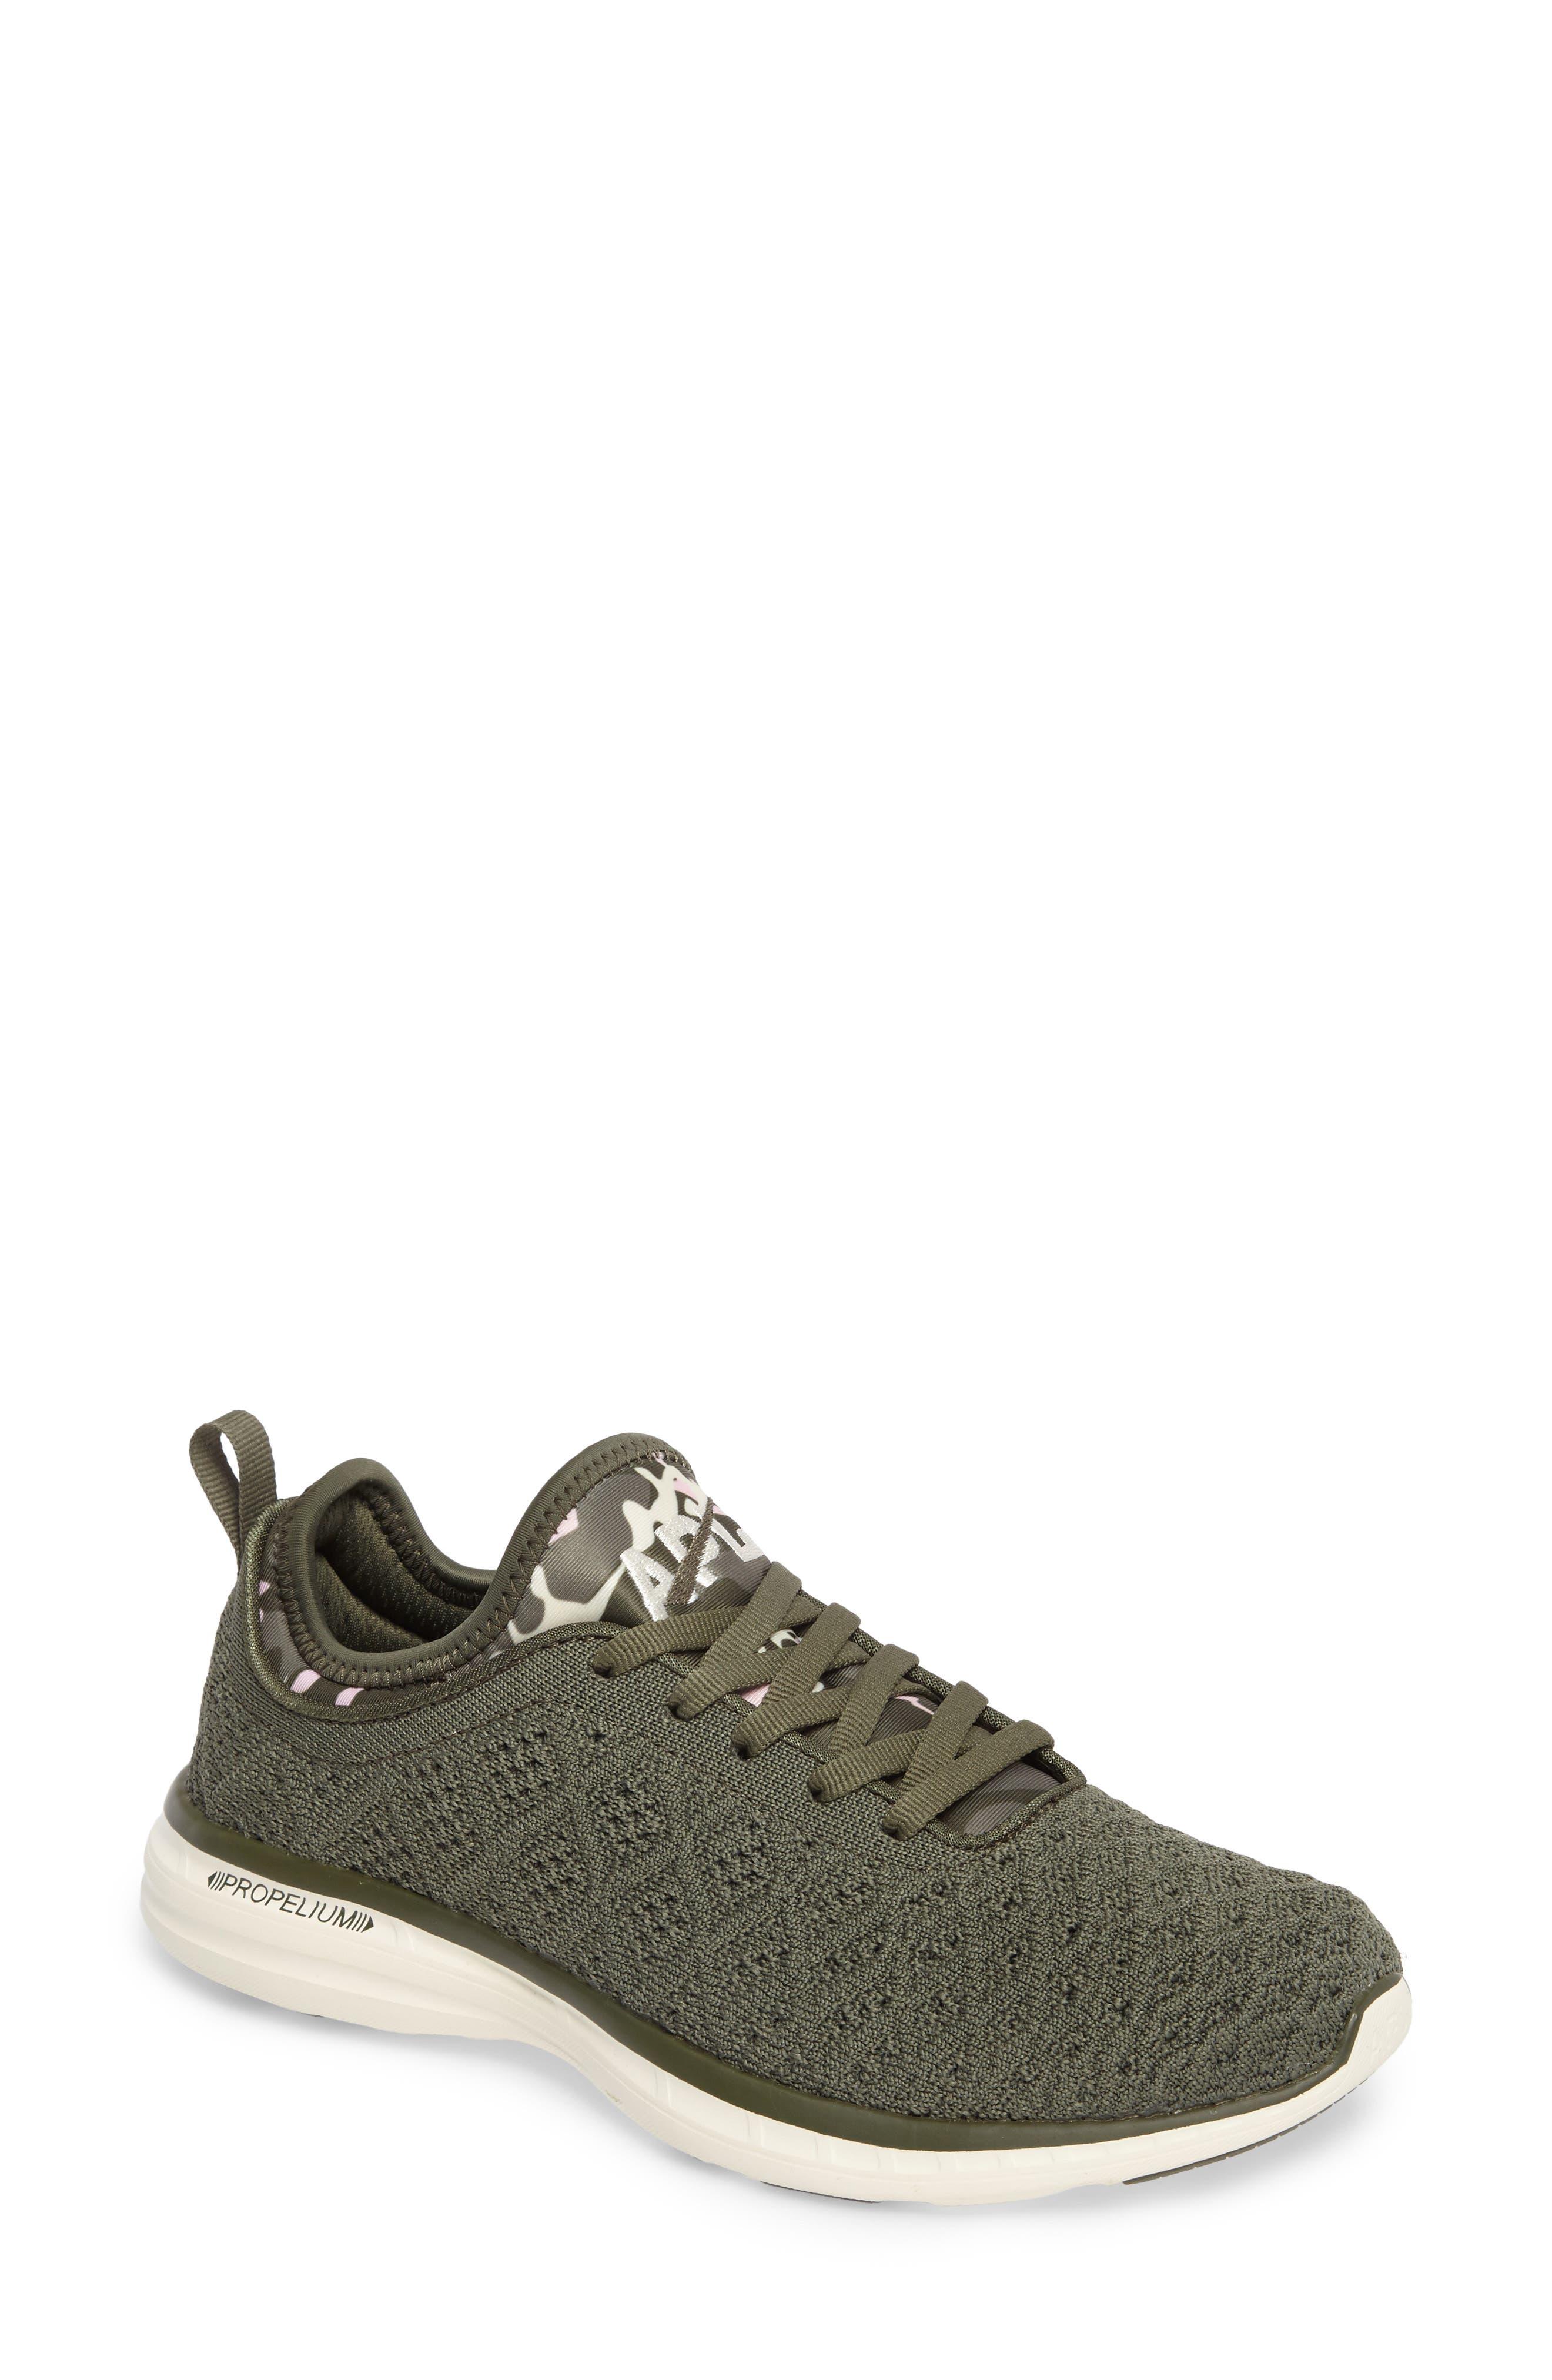 Alternate Image 1 Selected - APL 'TechLoom Phantom' Running Shoe (Women)